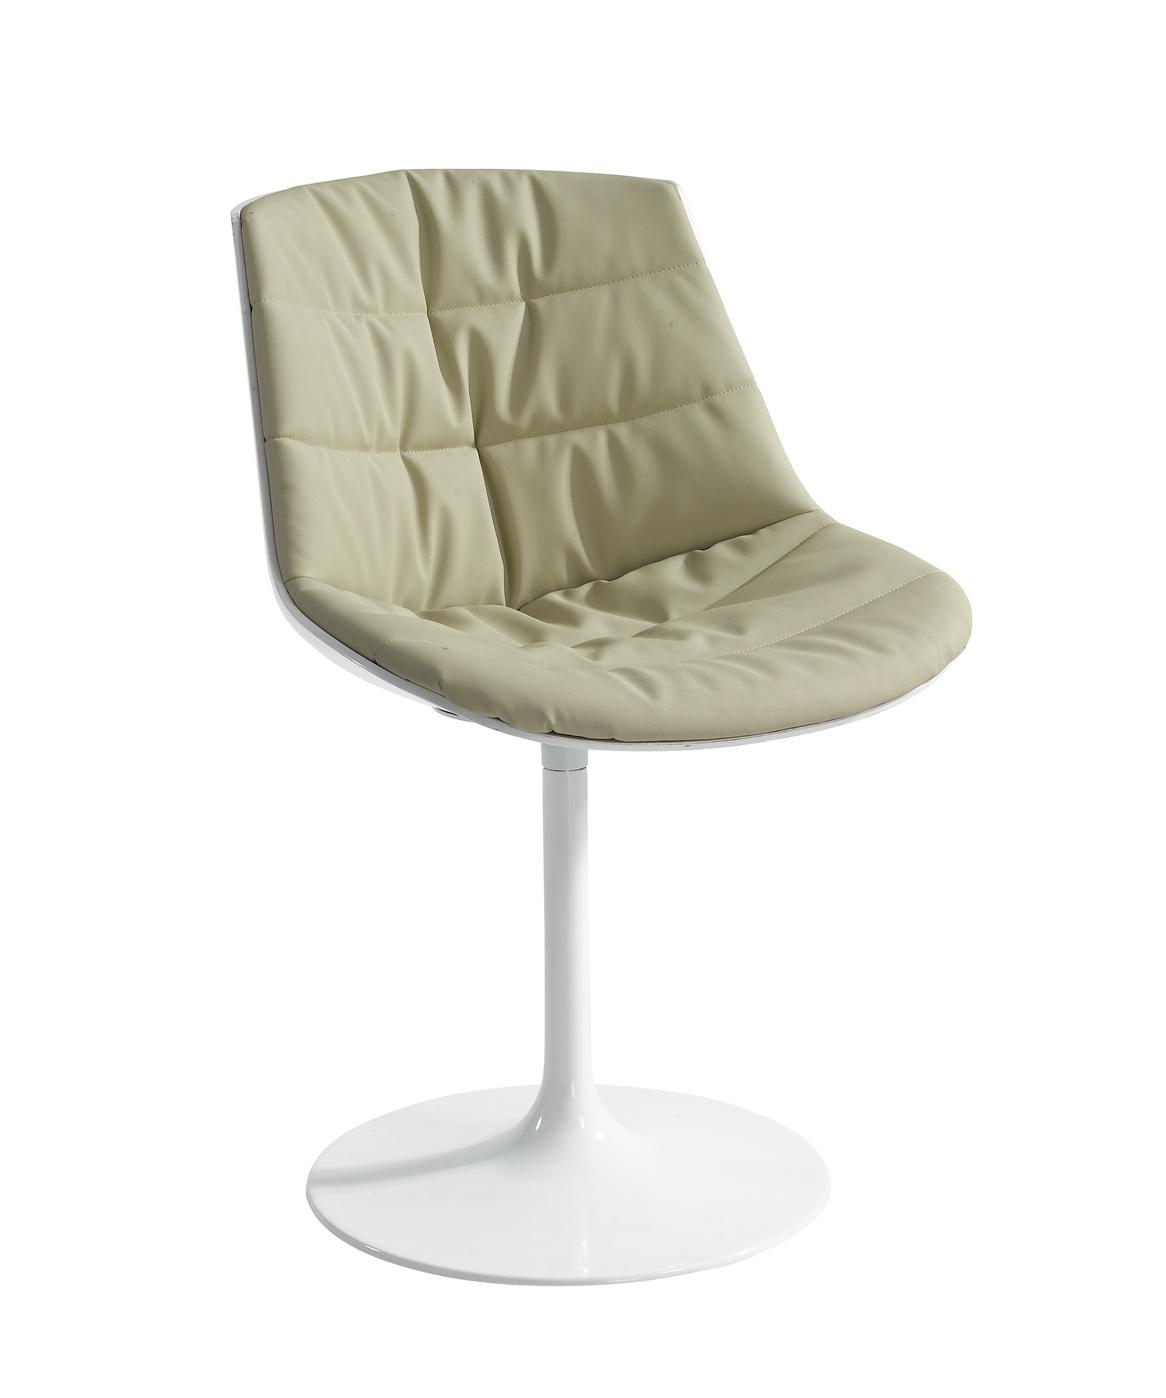 餐椅电脑椅前台 酒杯椅吧椅餐椅酒店  休闲软包转椅 办公椅 商务洽谈椅